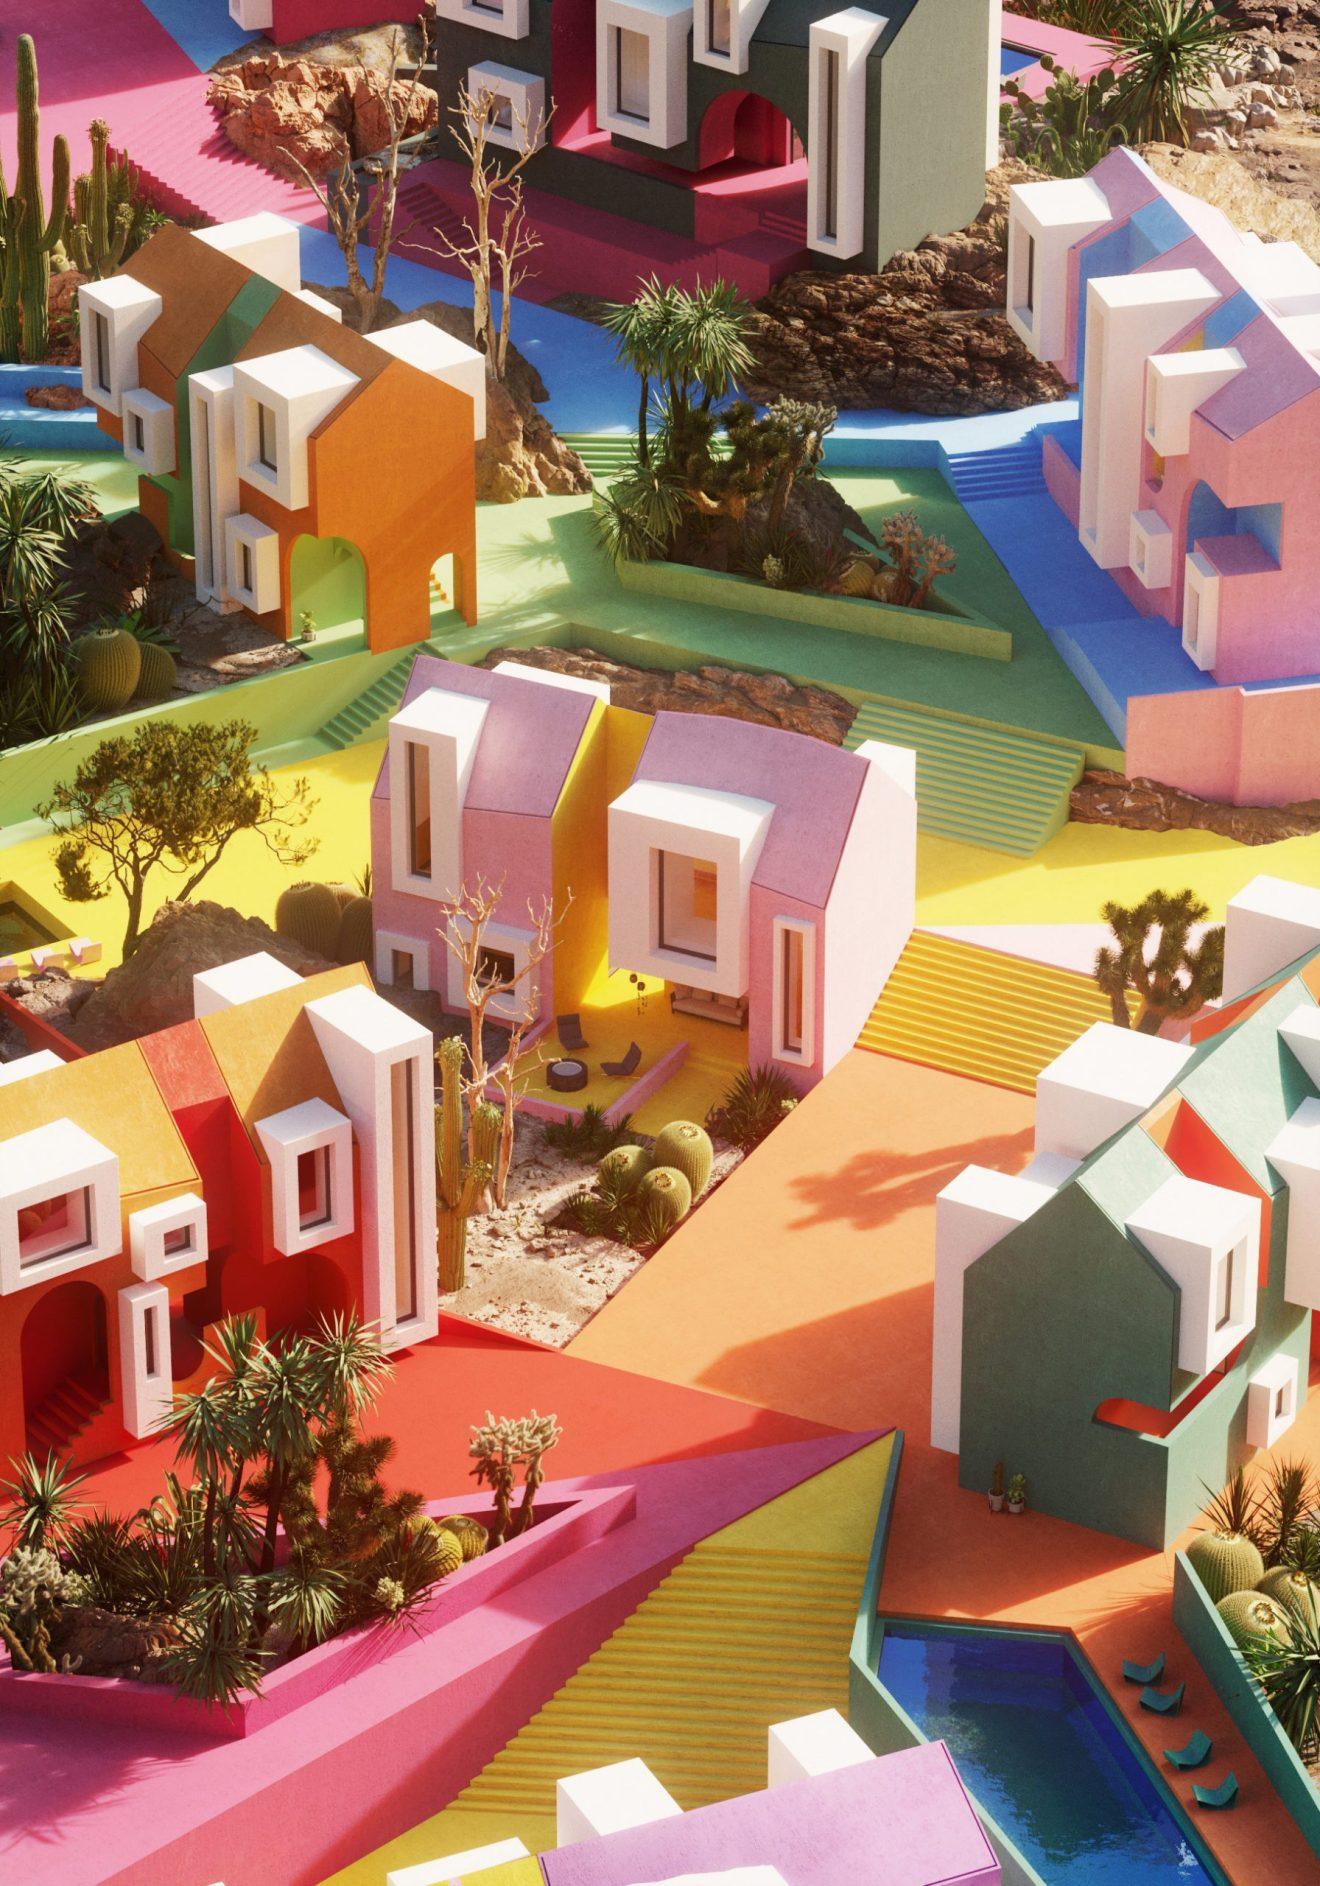 אסקפיזם בכפר האמנות Sonora Art Village